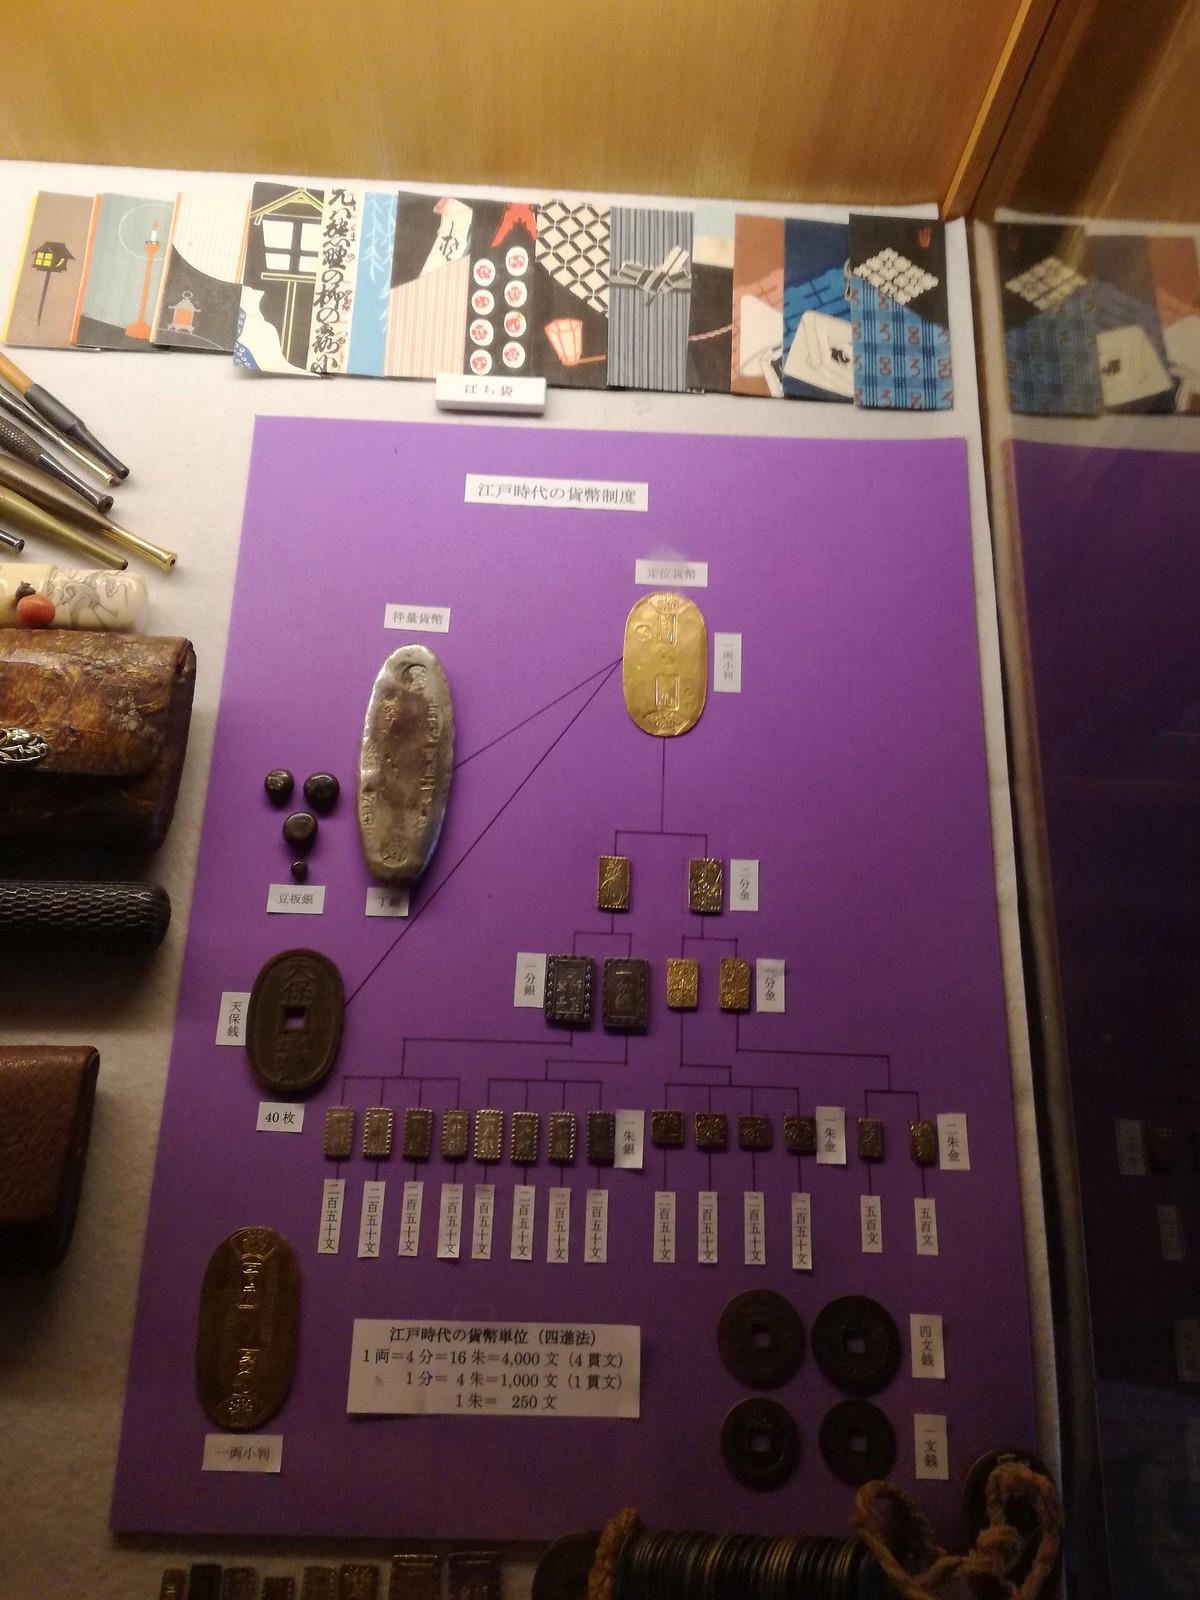 Kanazawa - Shima, maison de geishas - pièces de monnaie